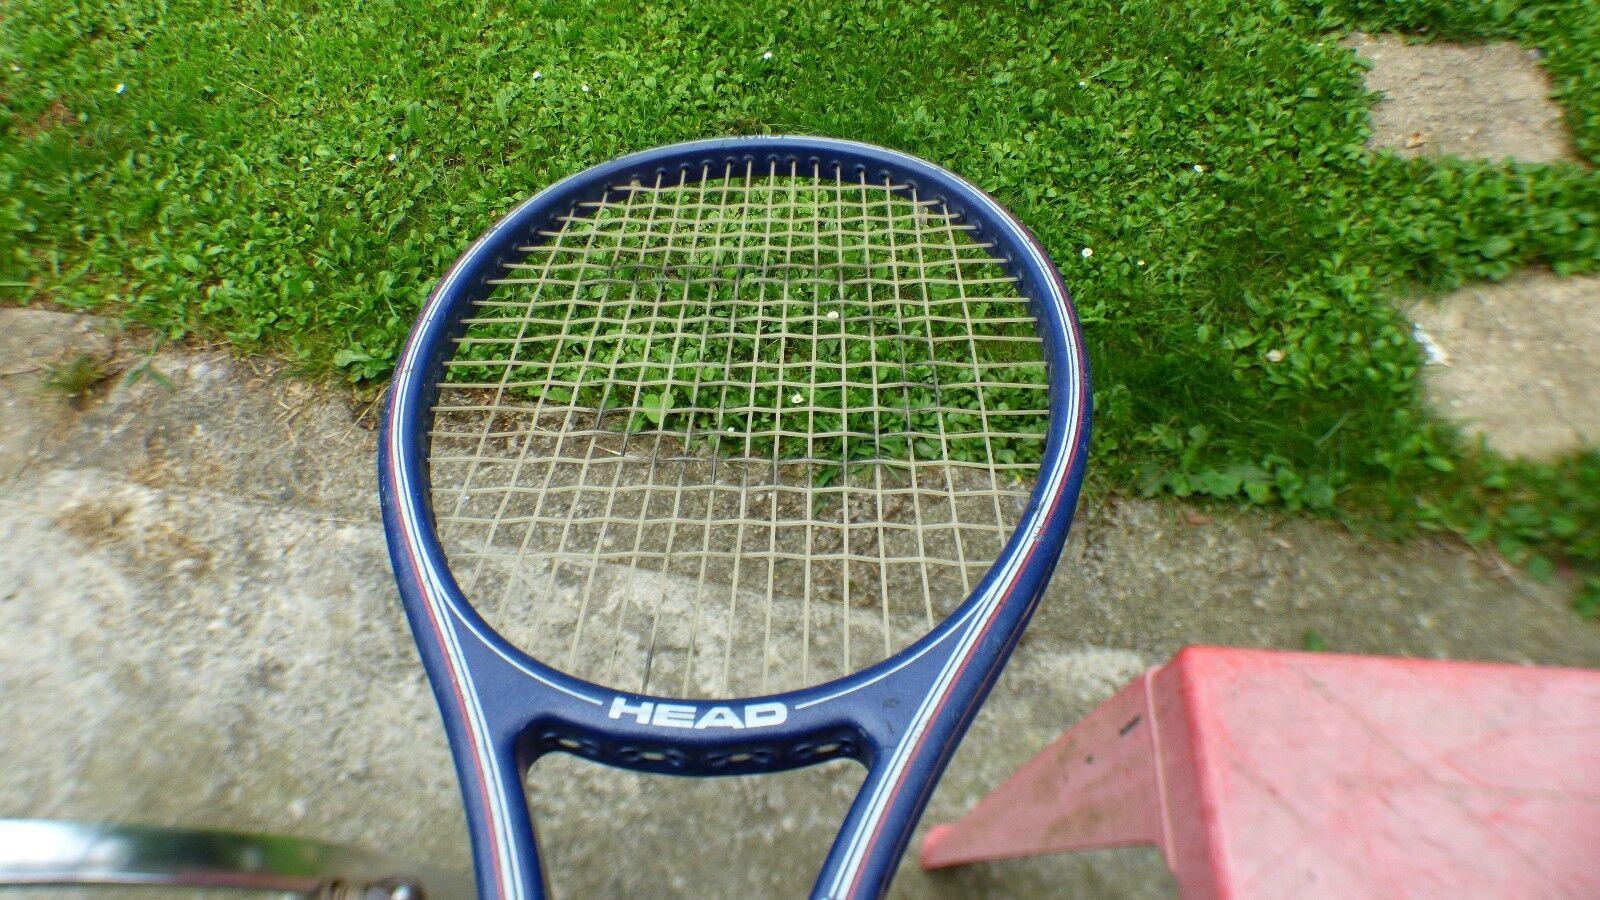 Tennisschläger Head Head Head klassisch mitte Schläger vintage  | Primäre Qualität  | Haltbarer Service  | Großhandel  6724f7